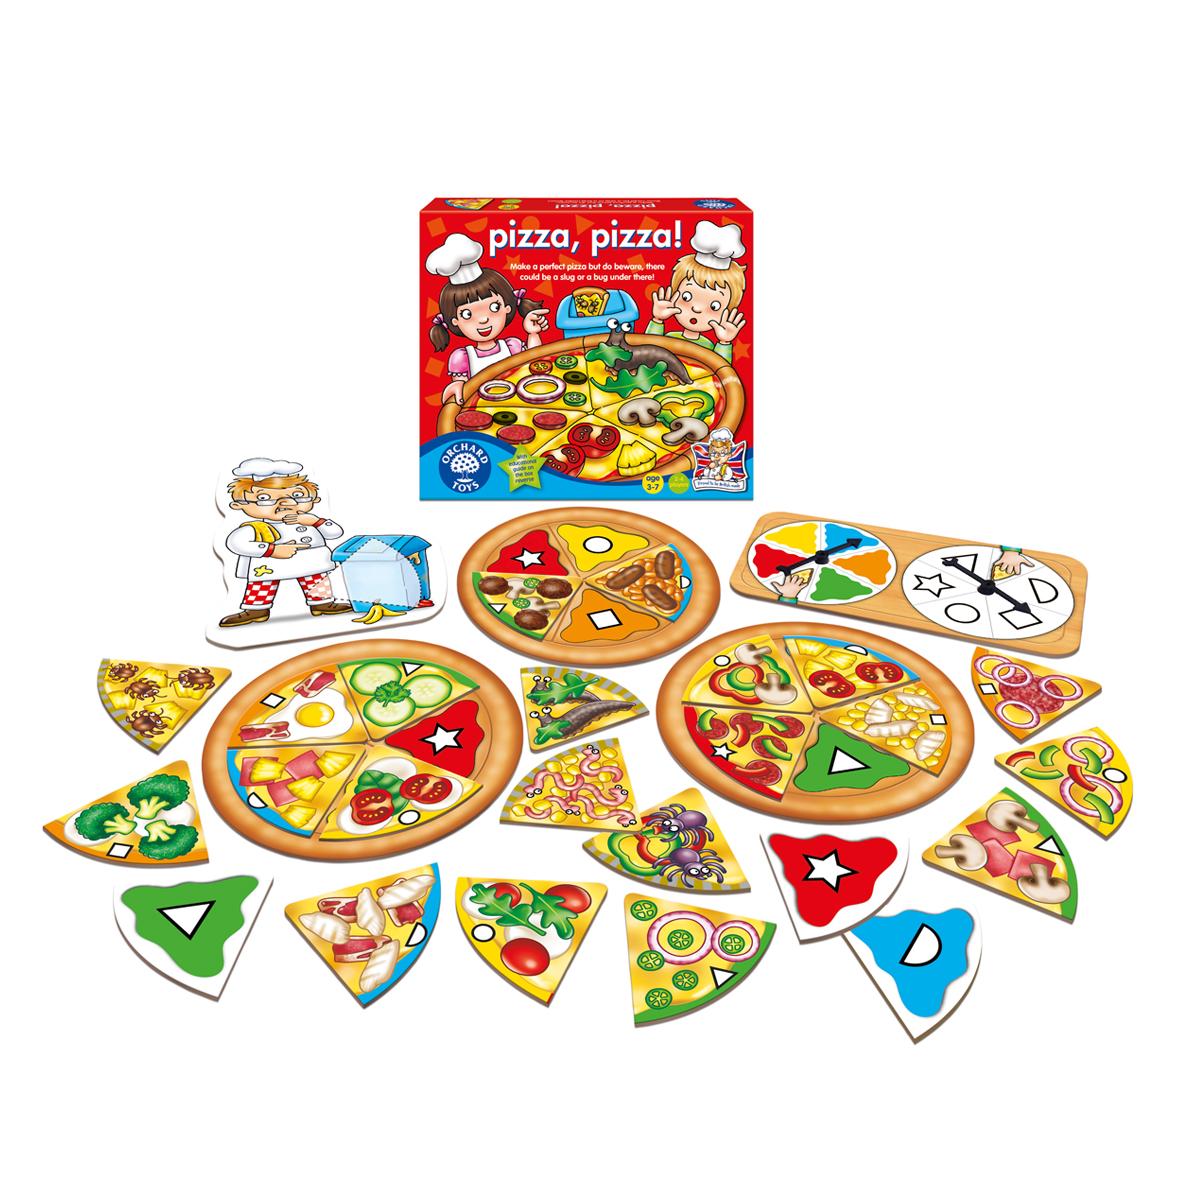 マッチングゲーム Pizza,Pizza!